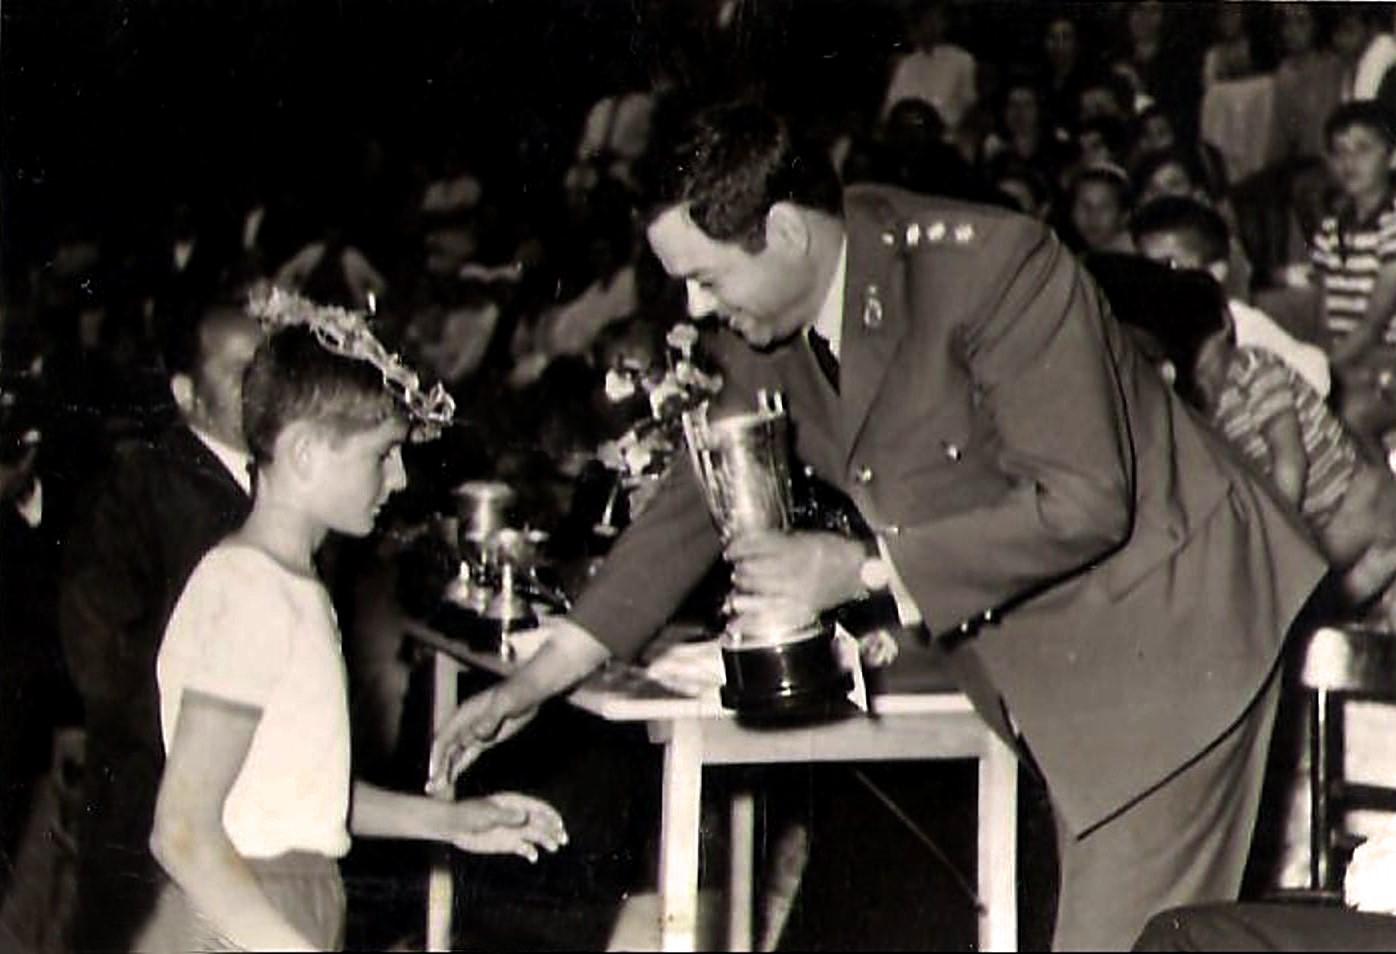 Ο Σπύρος Μπουρνάζος βραβεύεται από τον αξιωματικό